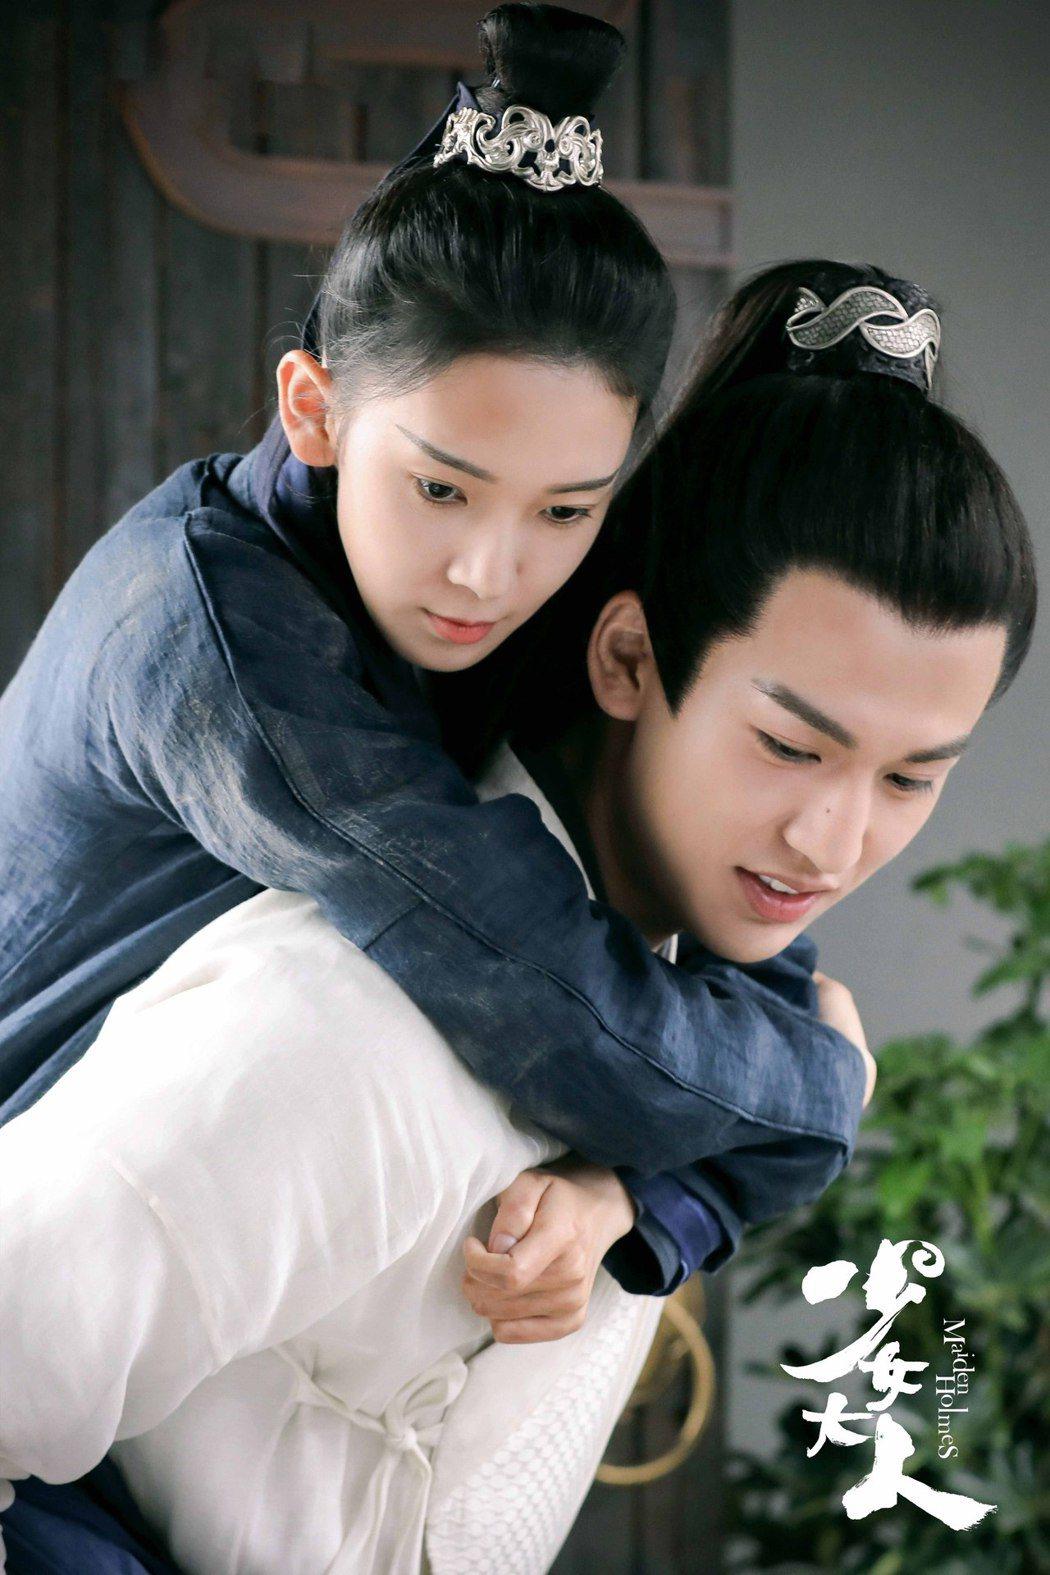 張凌赫(右)與陳瑤在「少女大人」中有許多親密對手戲。圖/摘自微博